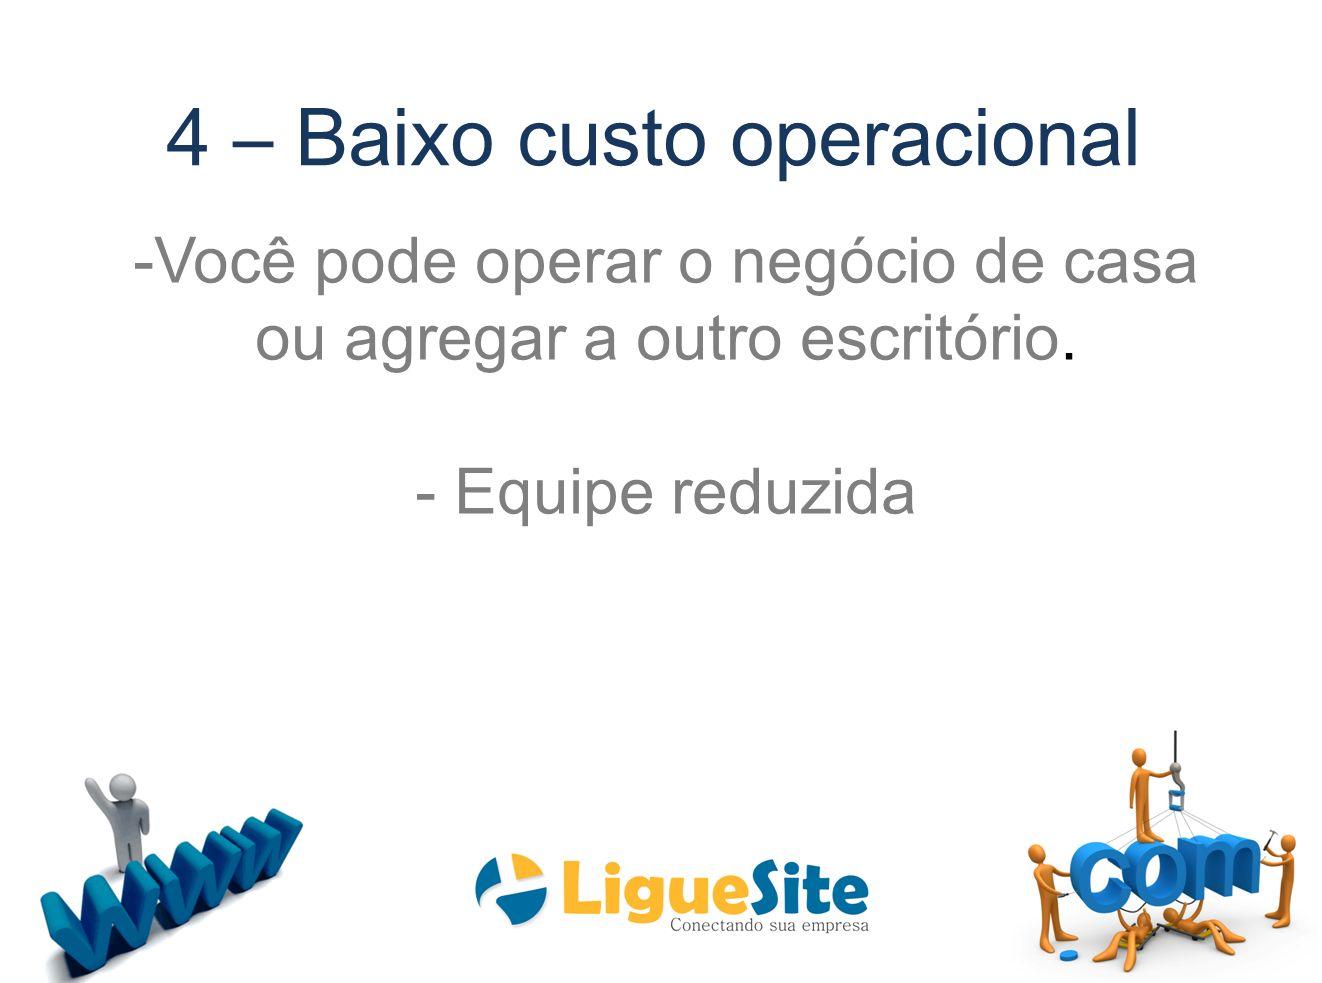 4 – Baixo custo operacional -Você pode operar o negócio de casa ou agregar a outro escritório. - Equipe reduzida